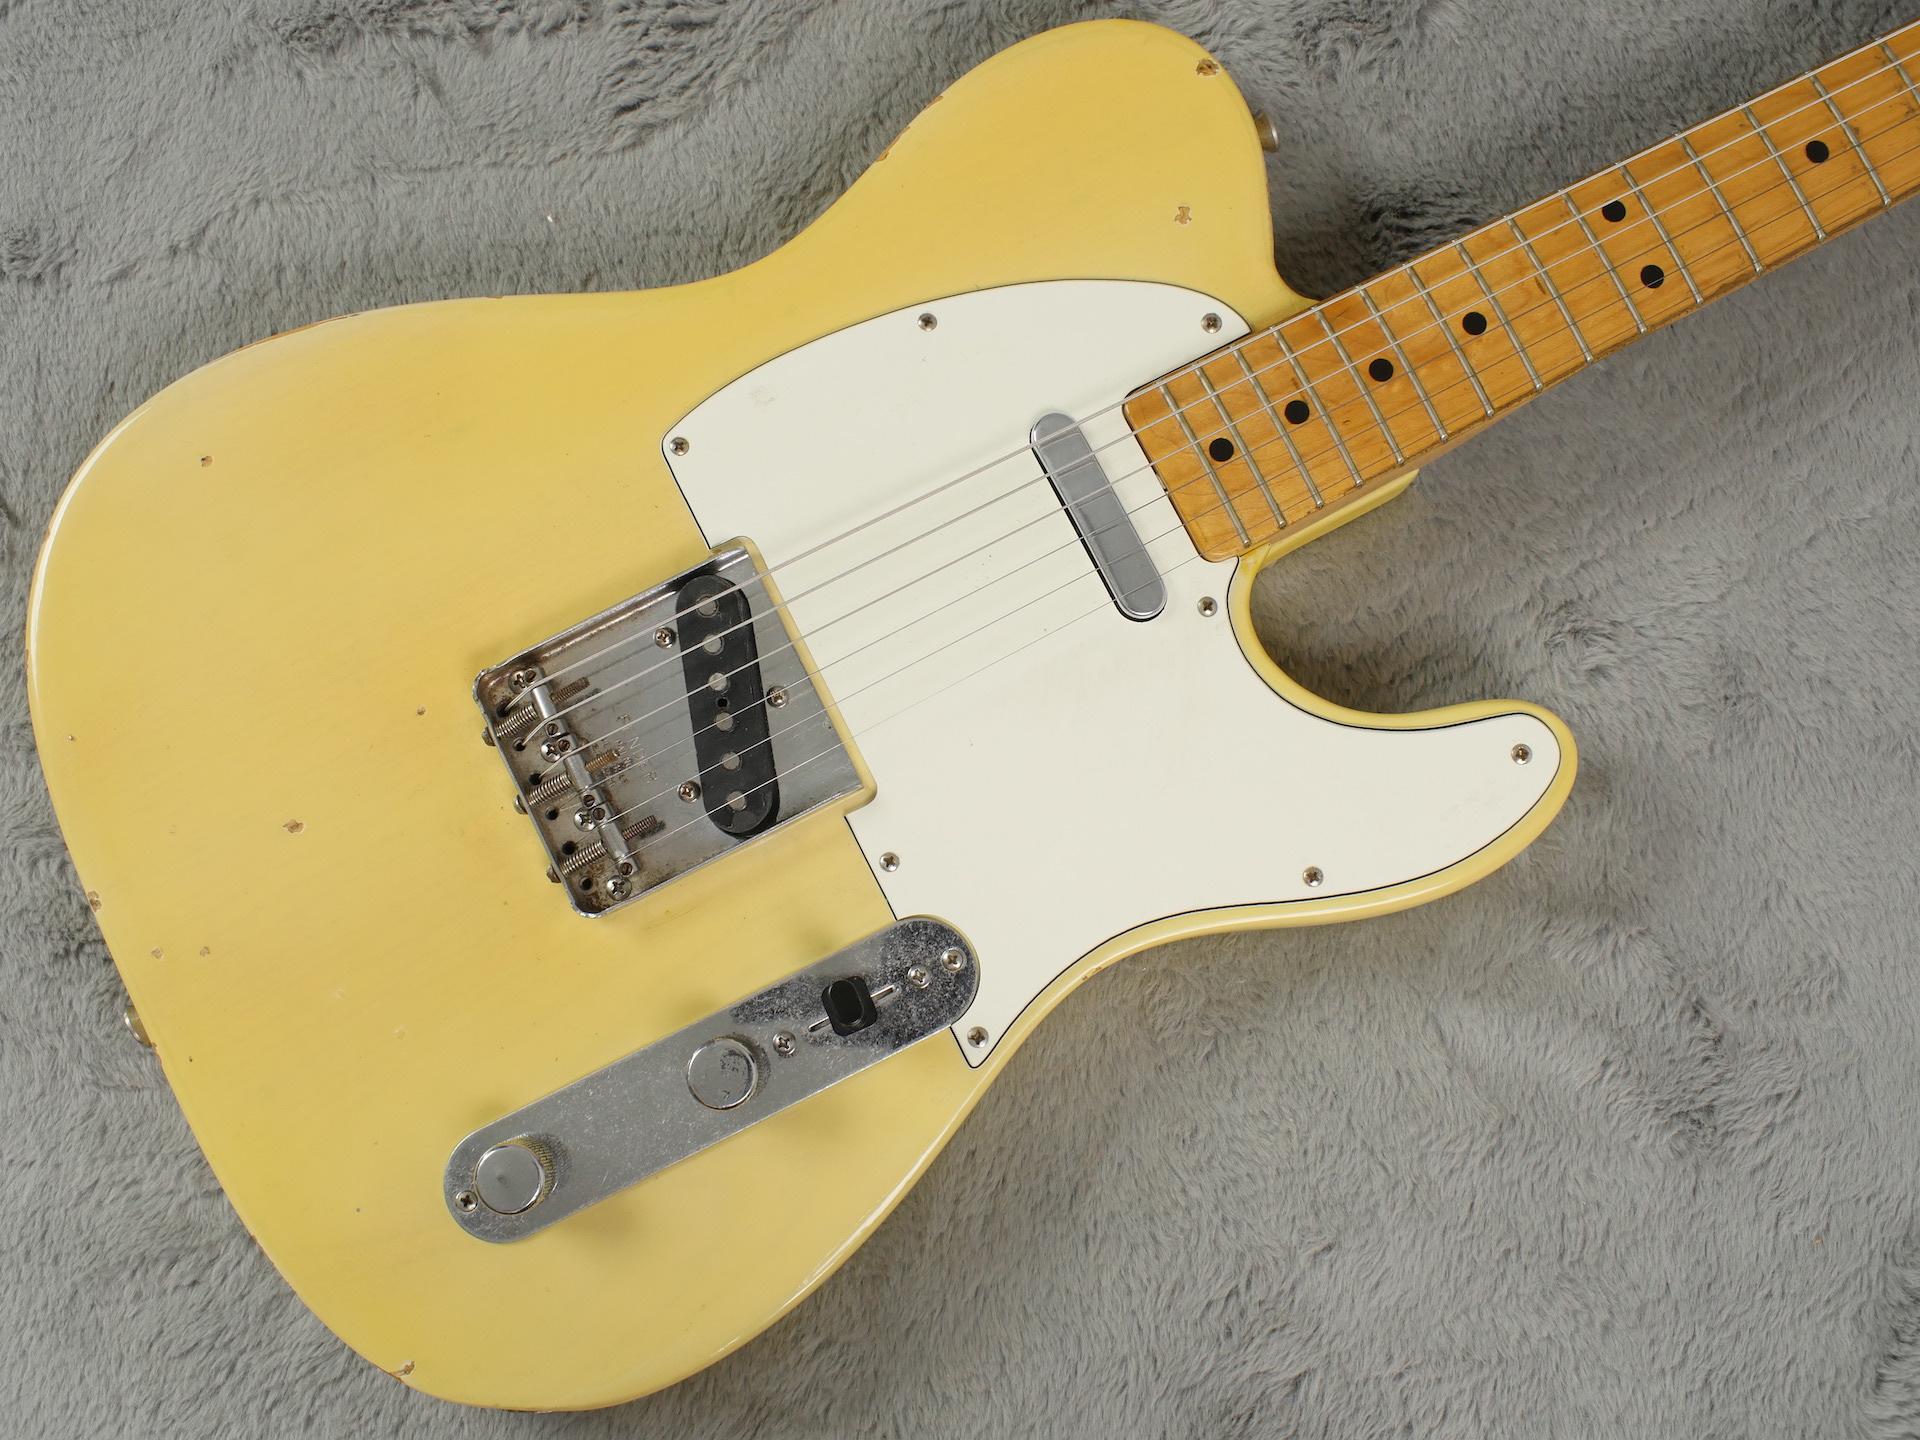 1969 Fender Telecaster blonde + HSC